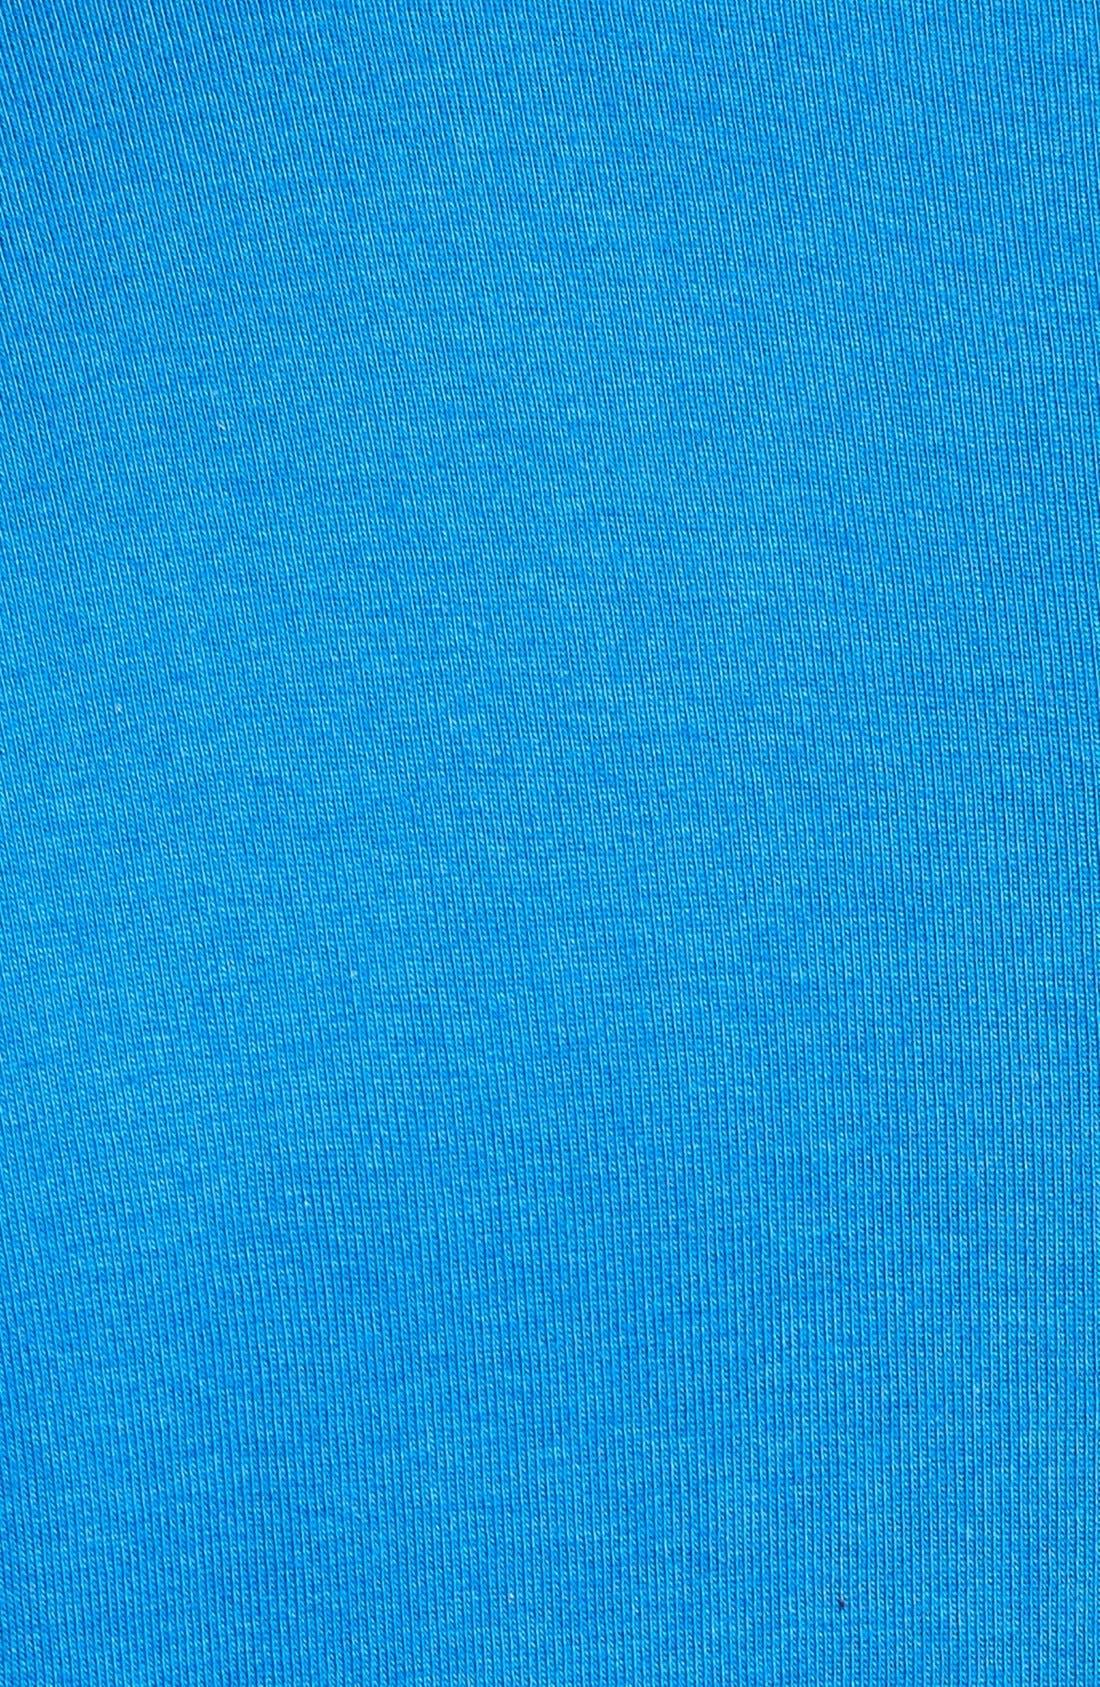 Short Sleeve V-Neck Tee,                             Alternate thumbnail 150, color,